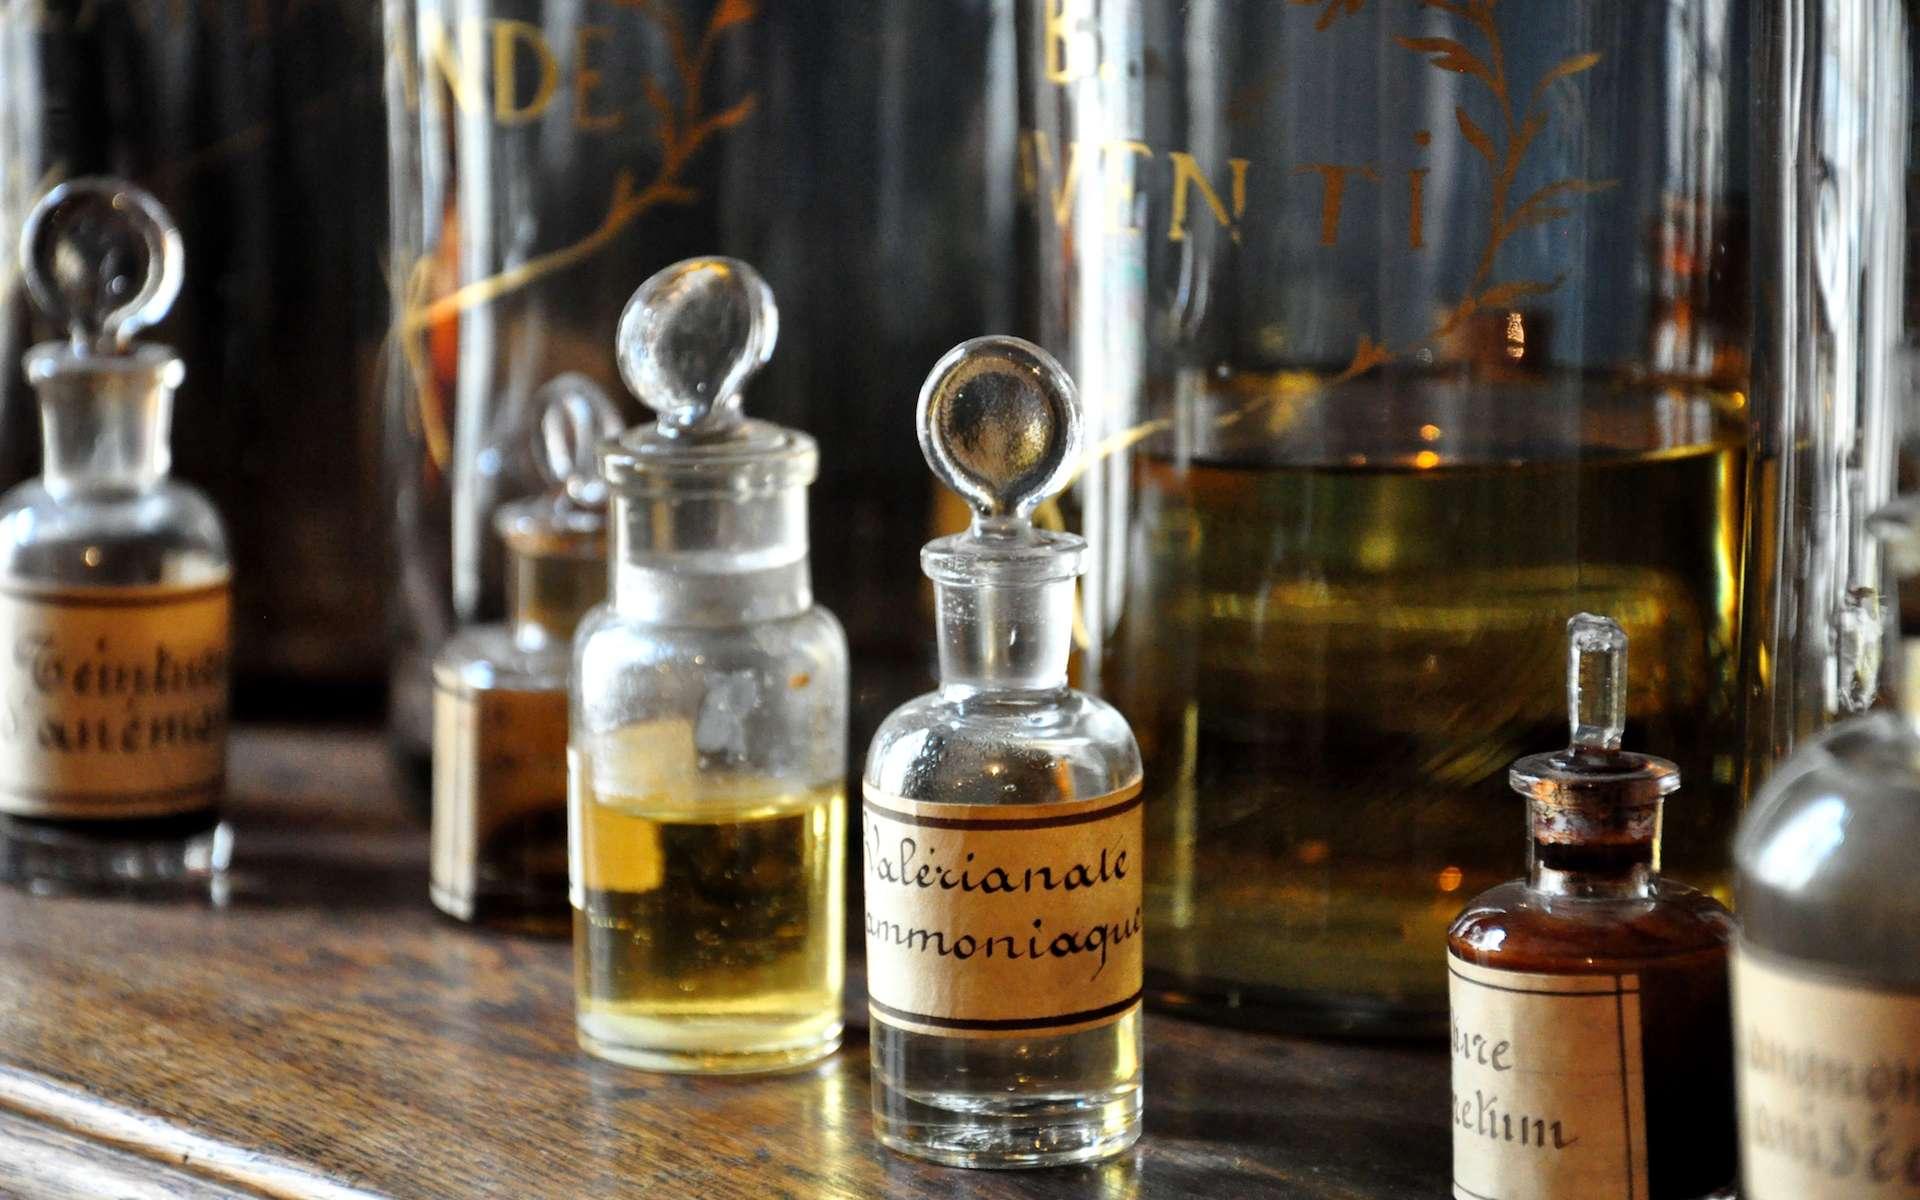 On retrouve le cation ammonium dans les préparations d'ammoniaque. © Damien Pobel, Flickr, CC by-sa 2.0